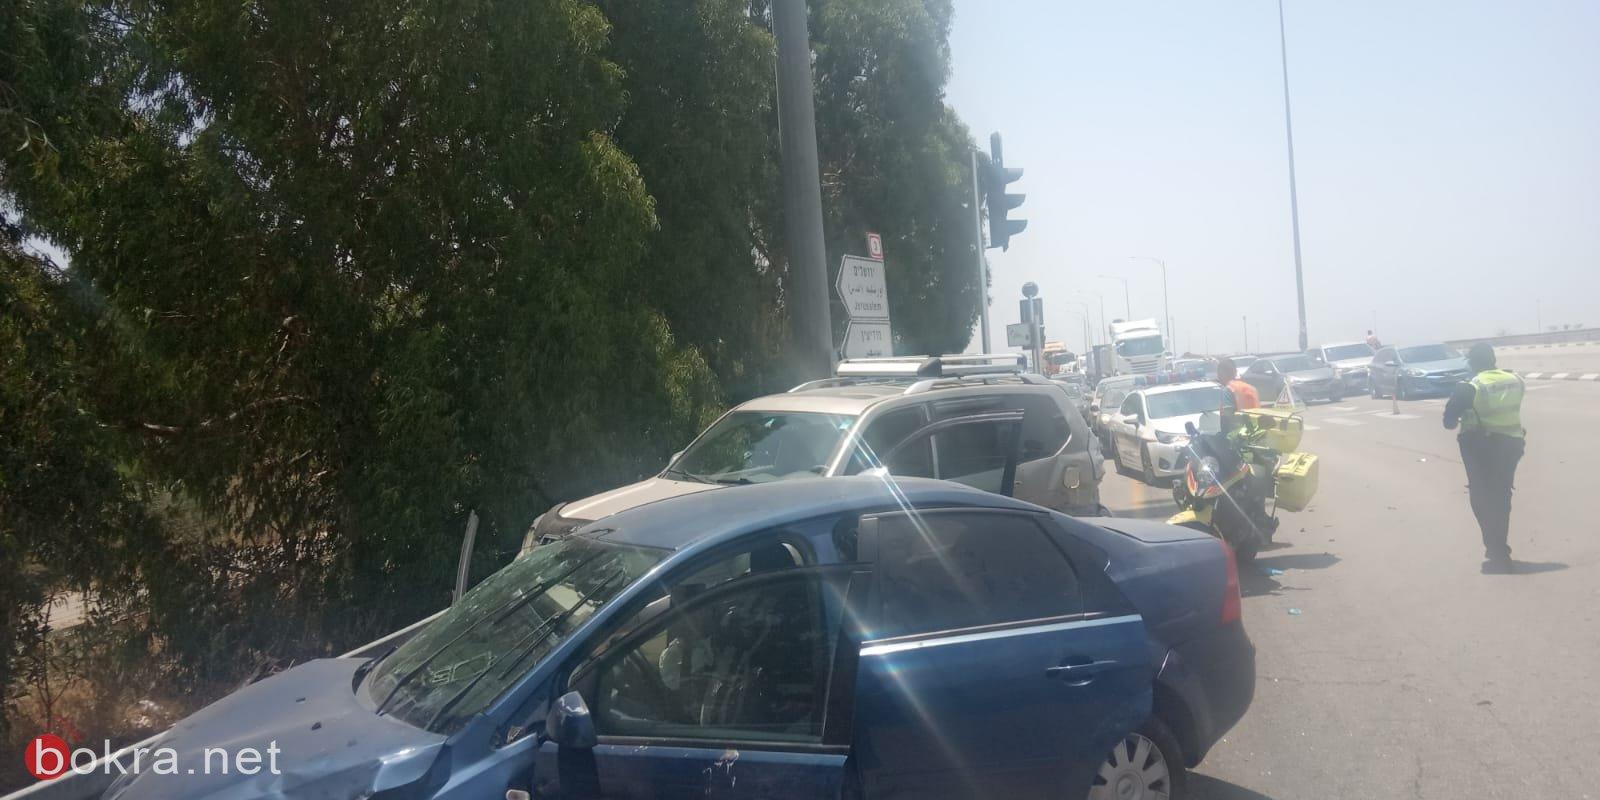 5 اصابات في حادث طرق بين 3 مركبات في الجنوب